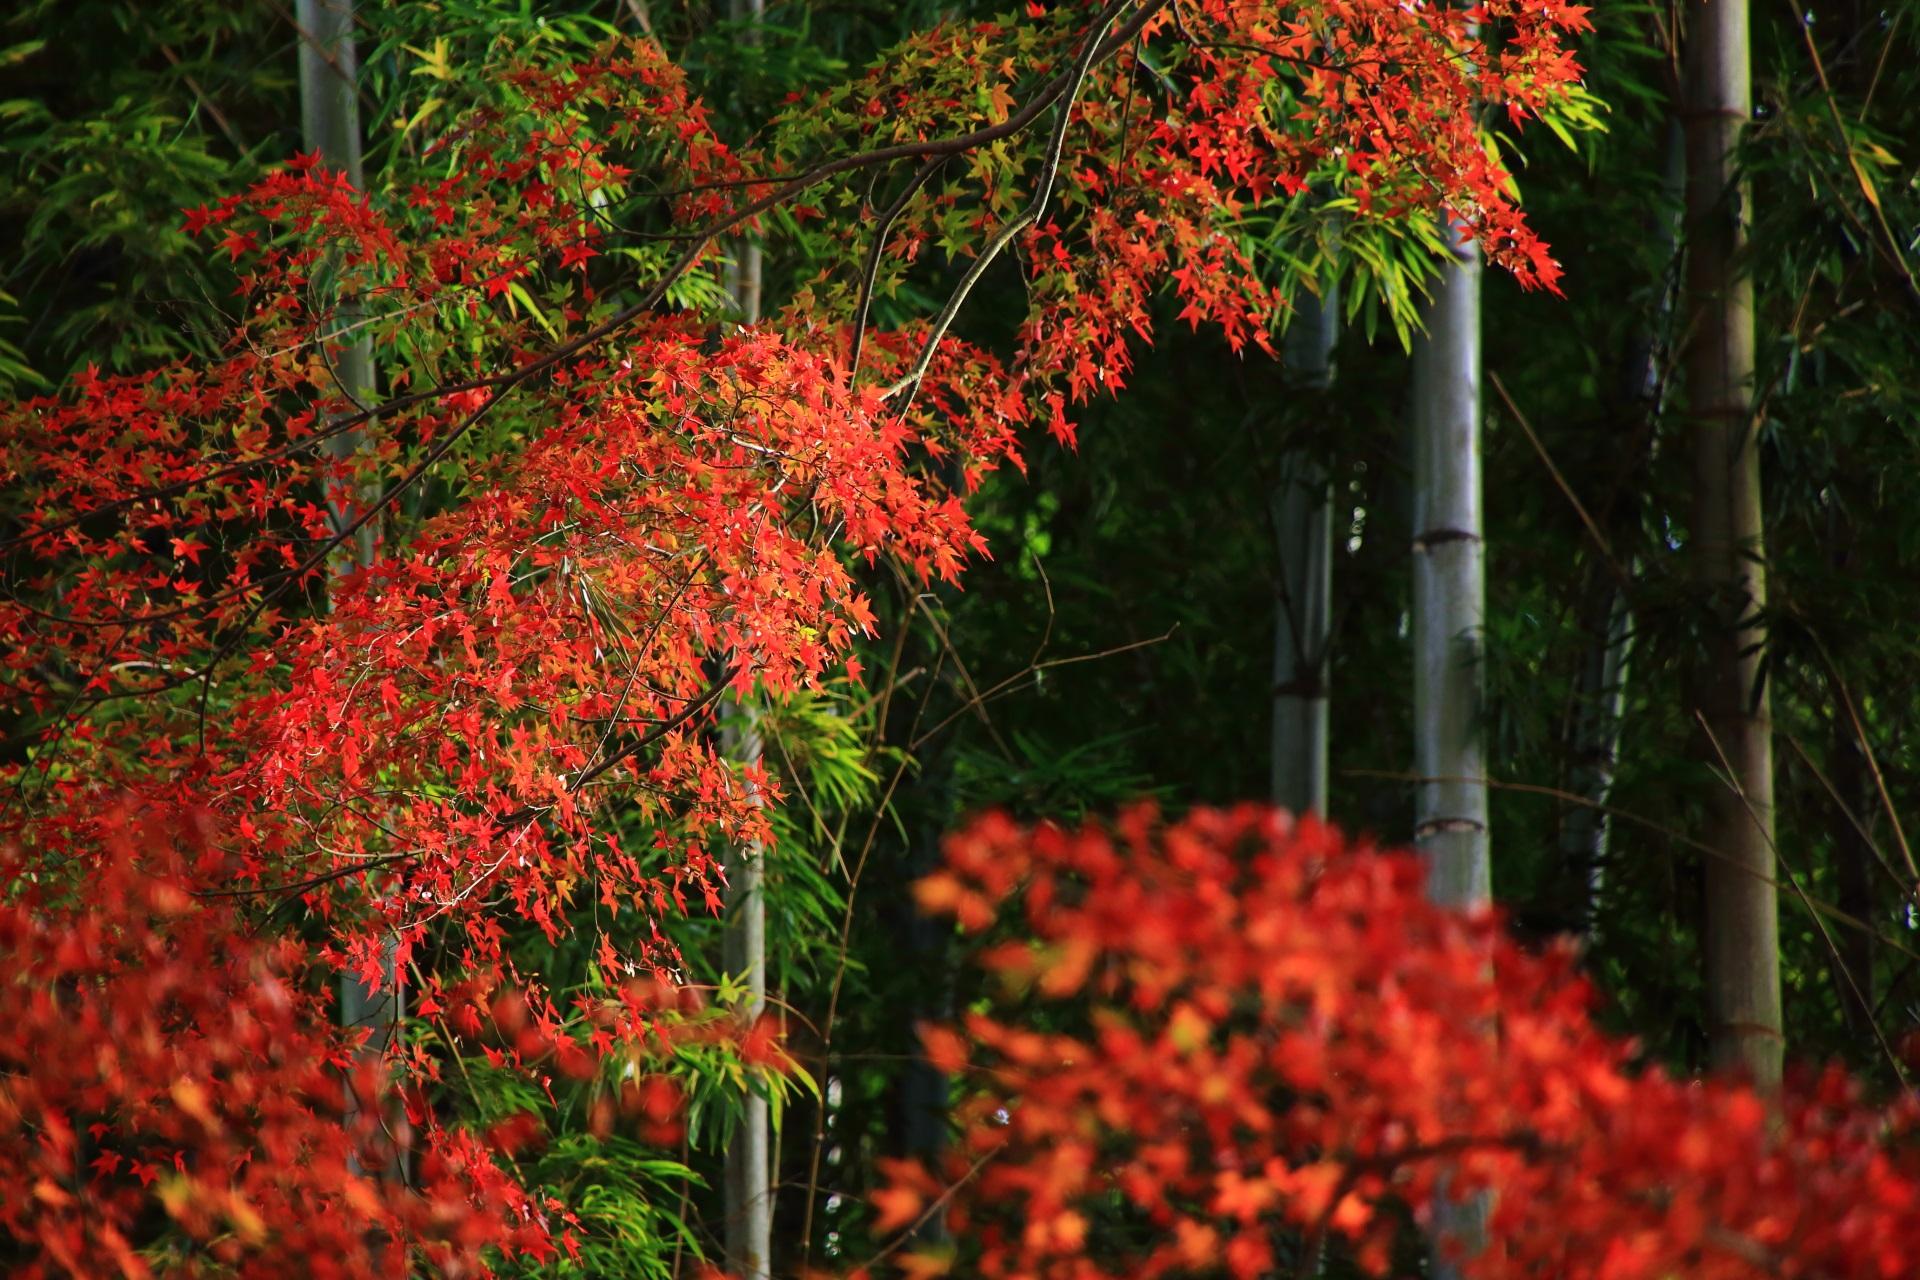 竹の間で鮮やかに華やぐ繊細な紅葉